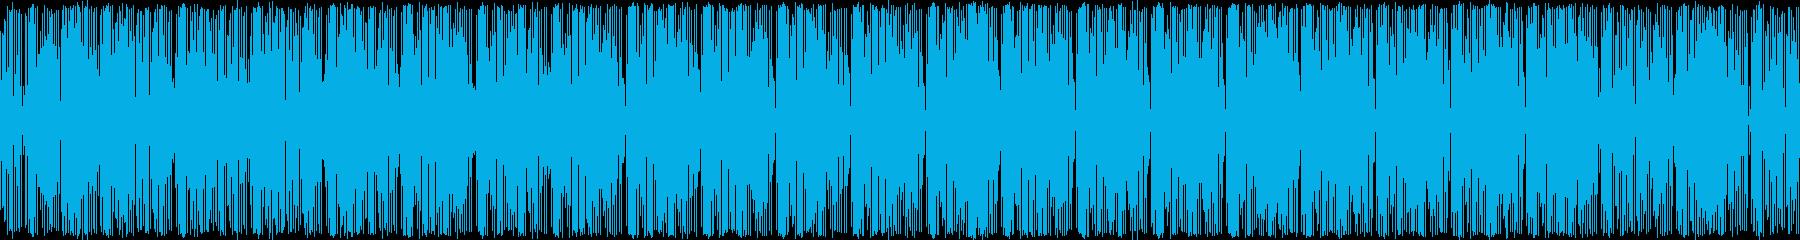 宇宙人が現れそうなふざけたBGMの再生済みの波形